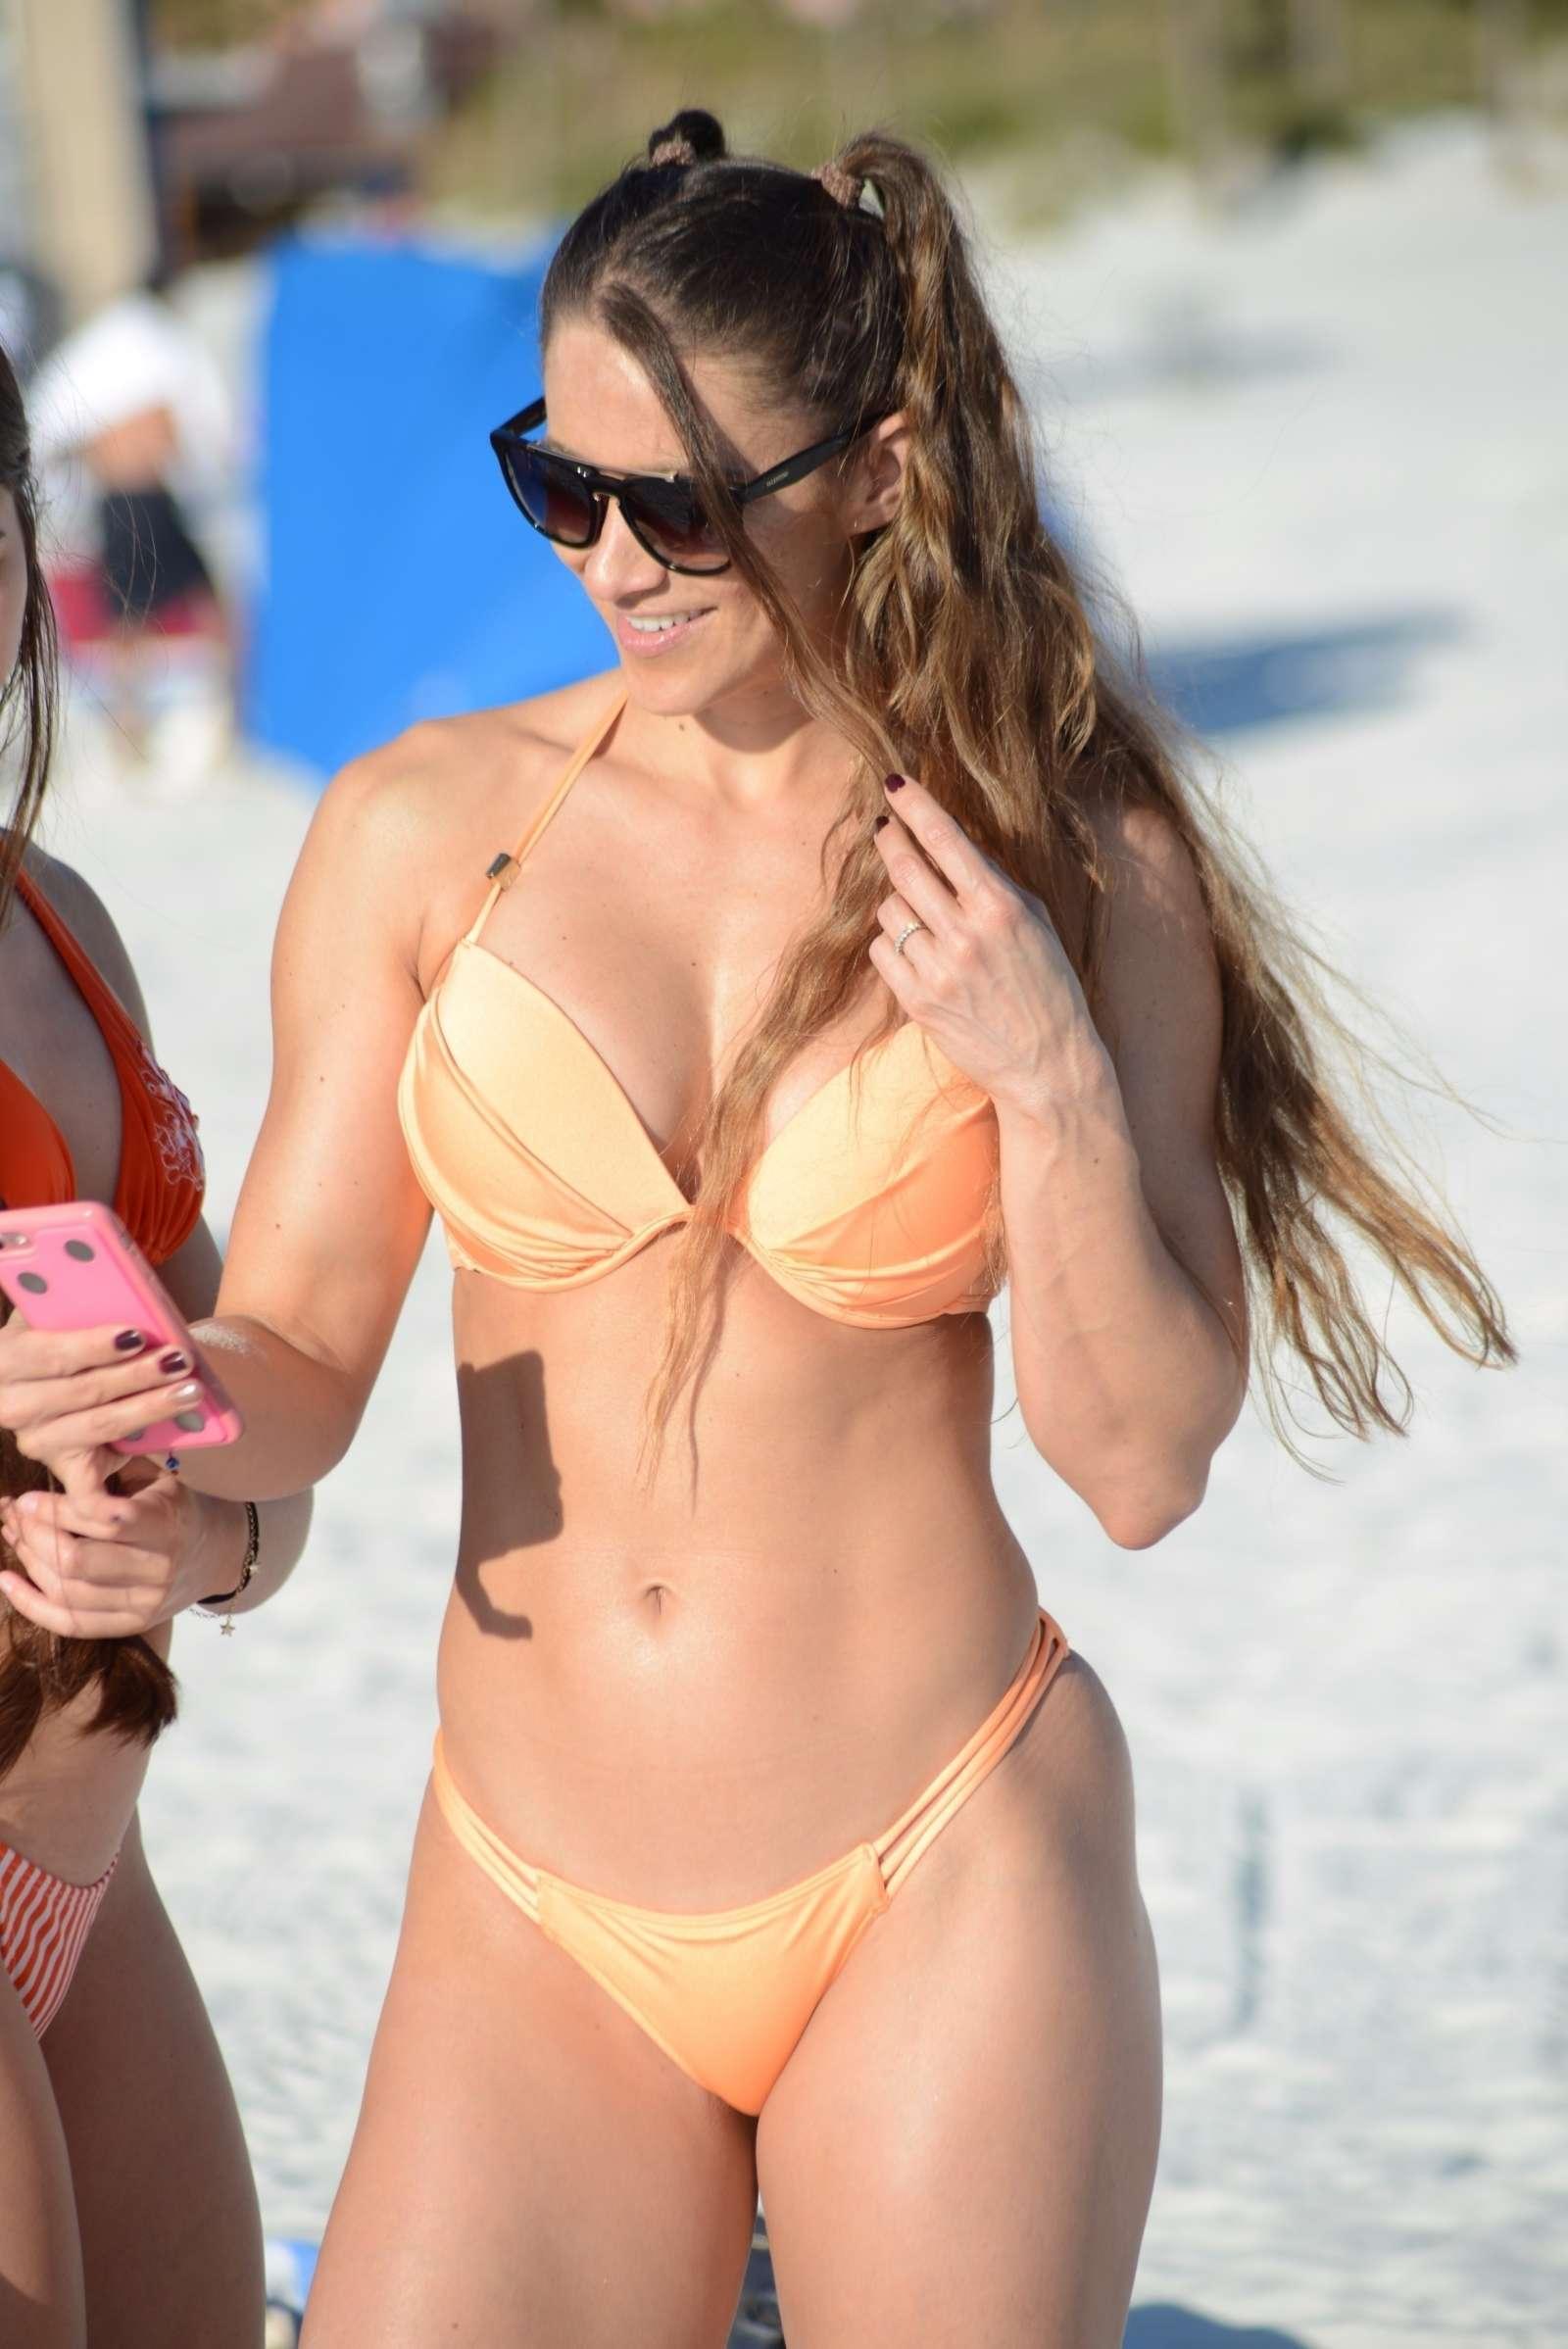 Cleavage Bikini Nicole Caridad naked photo 2017